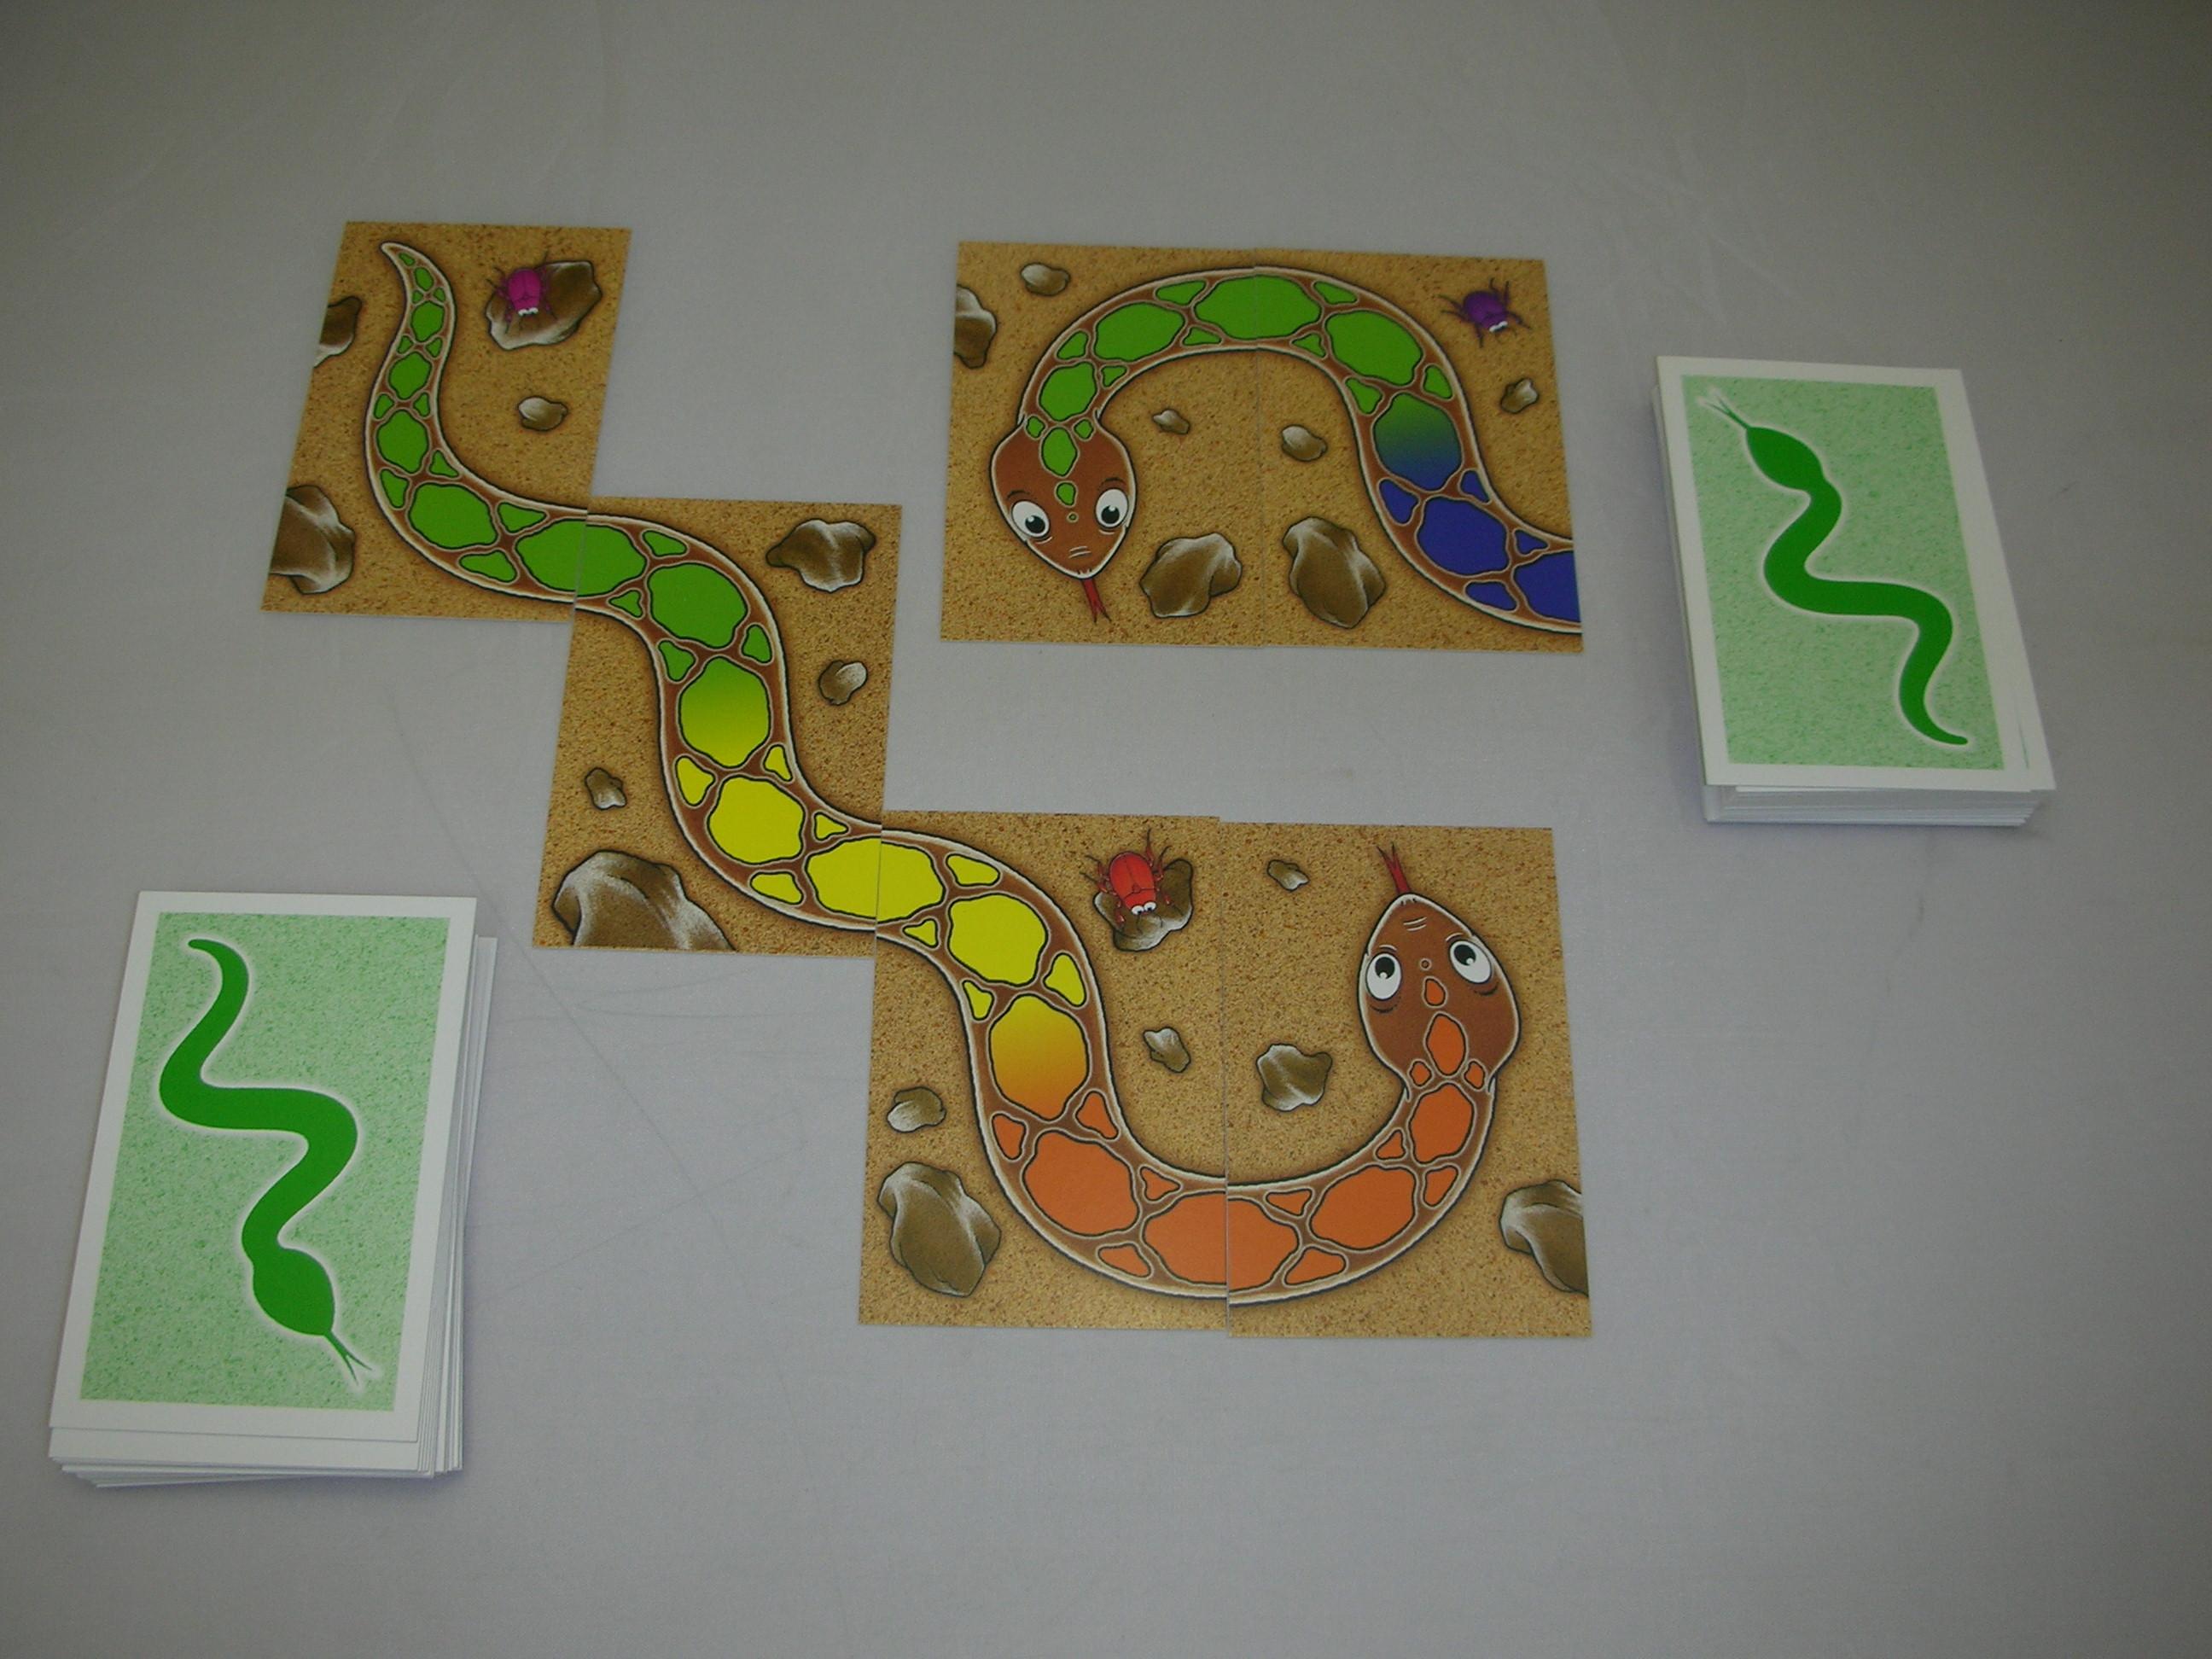 虹色のへび 〜カードをつなげてレインボースネークを完成させよう。〜